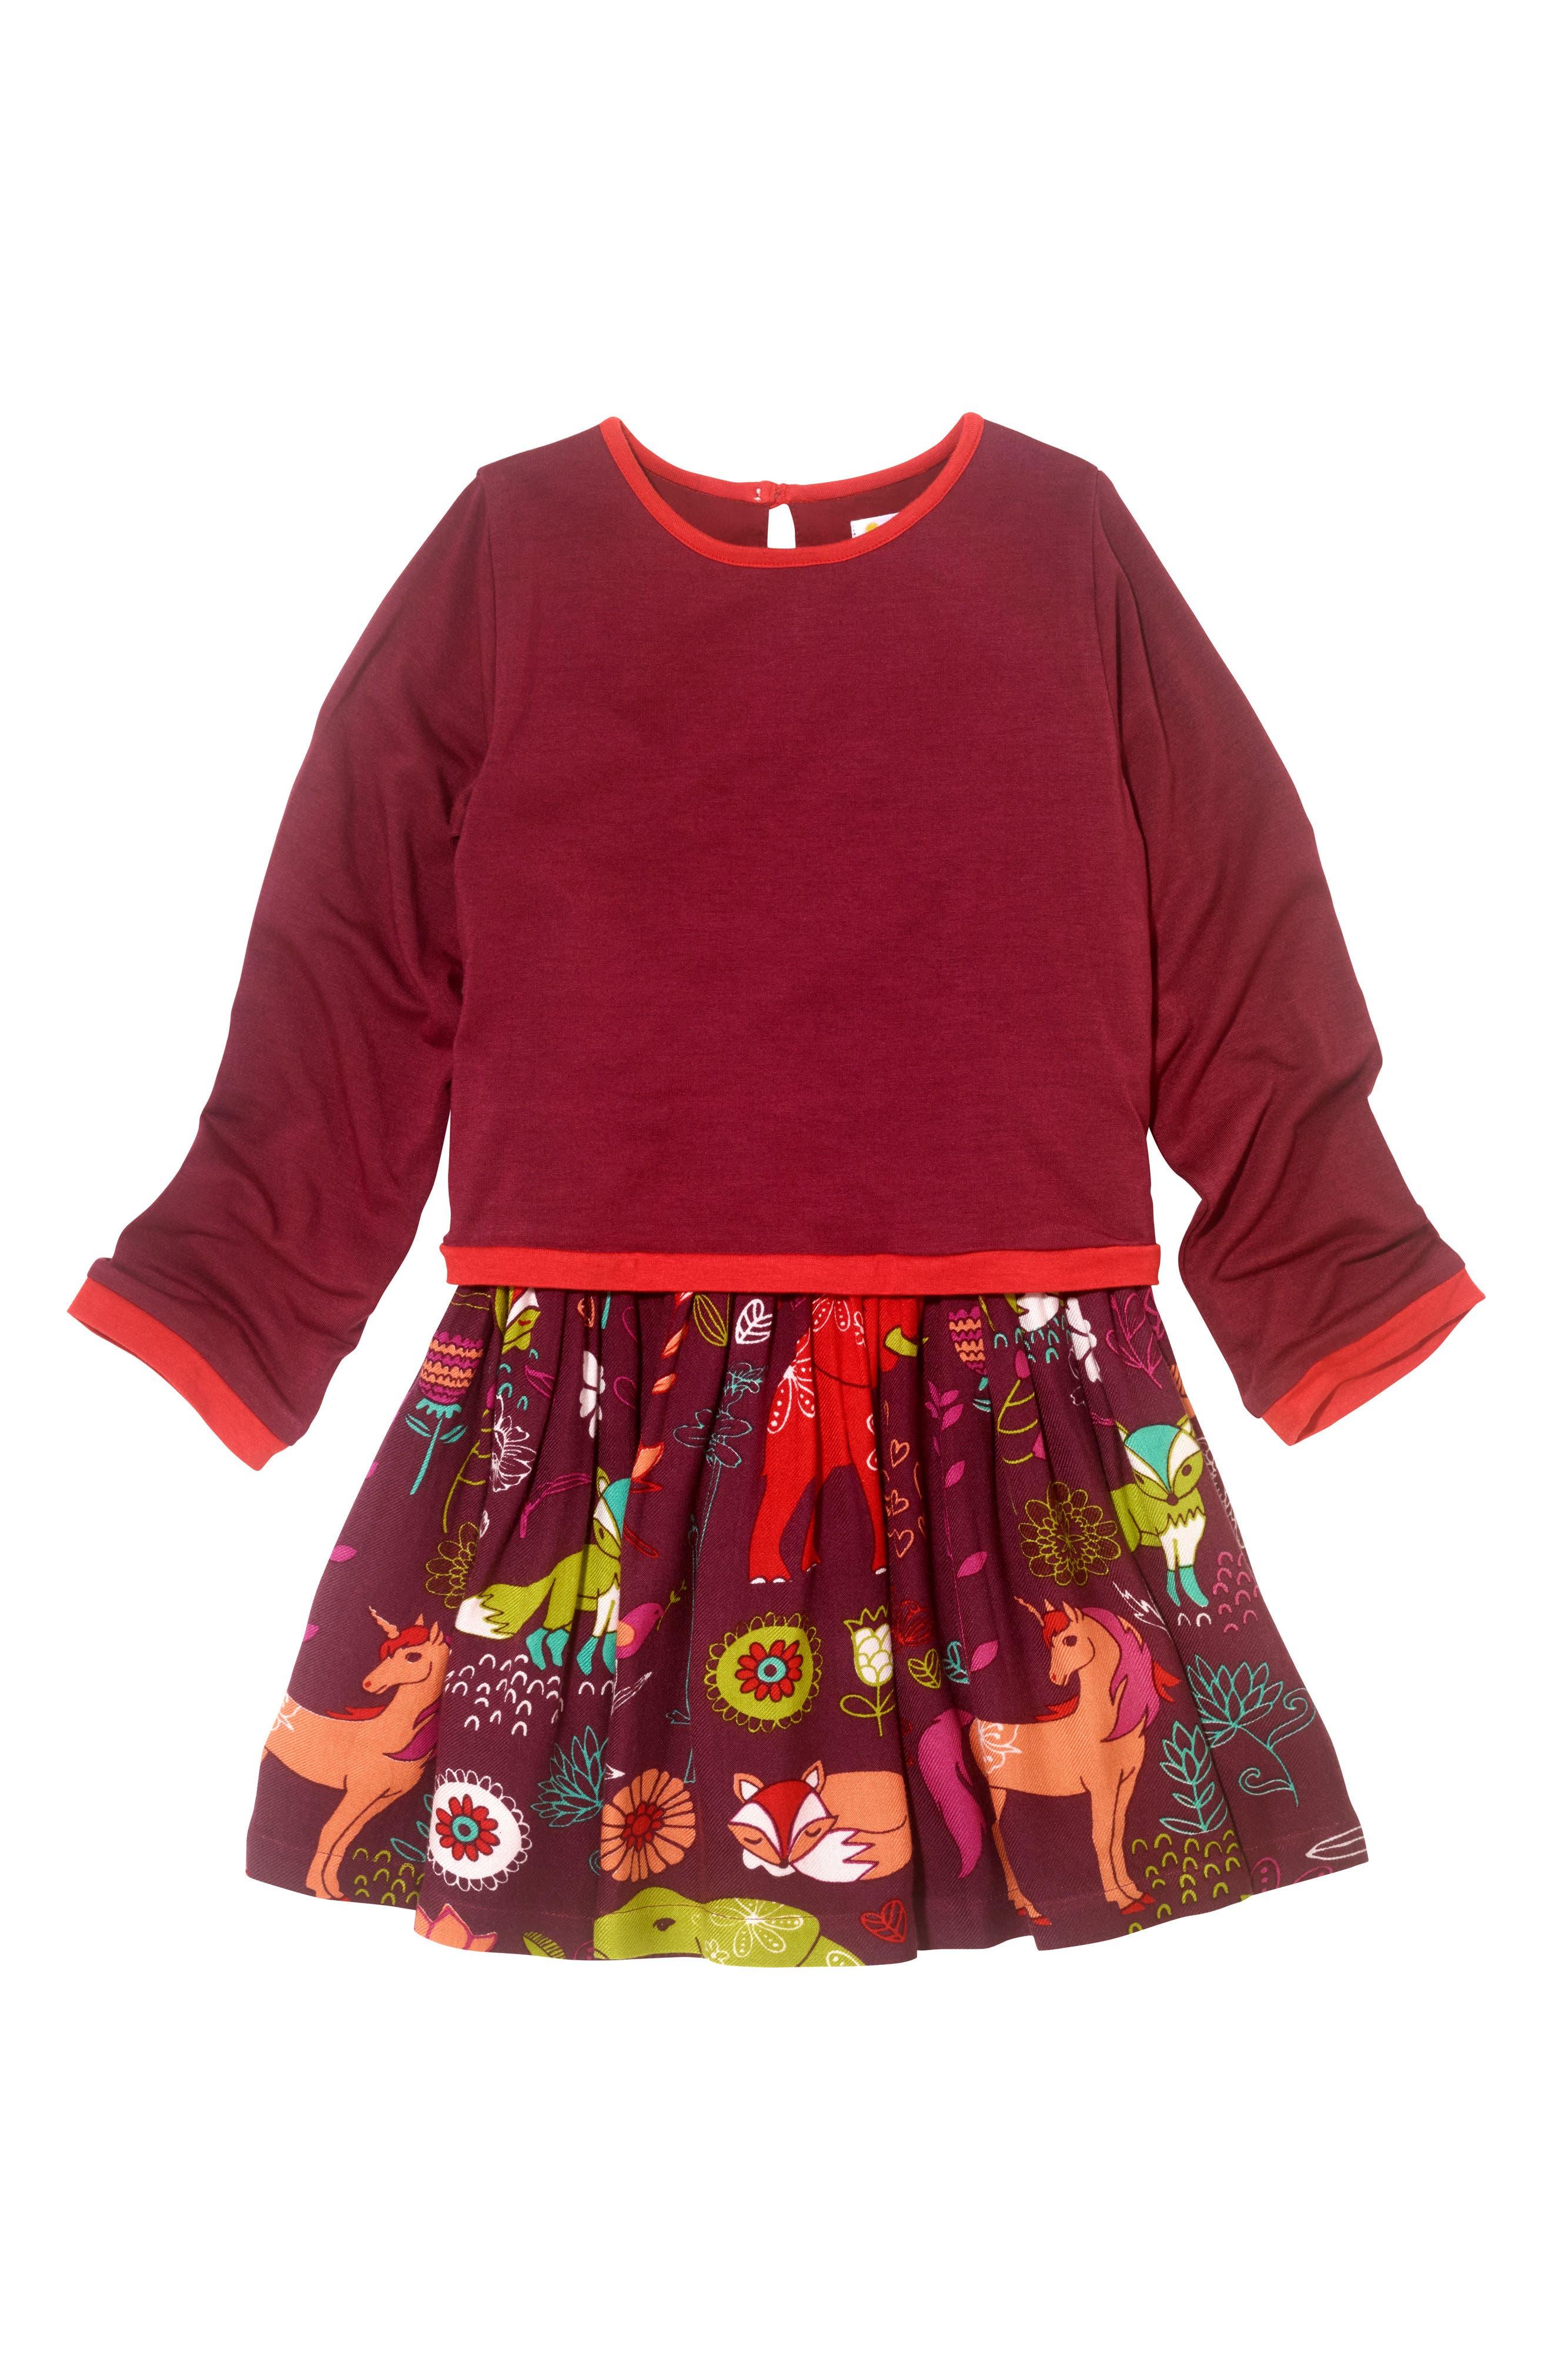 Forest Hills Dress,                         Main,                         color, Burgundy